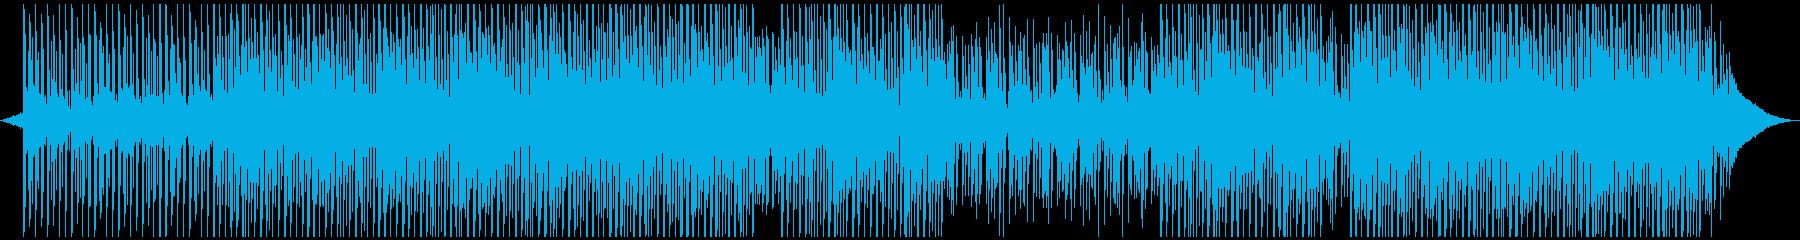 明るい企業のバックグラウンドミュージックの再生済みの波形